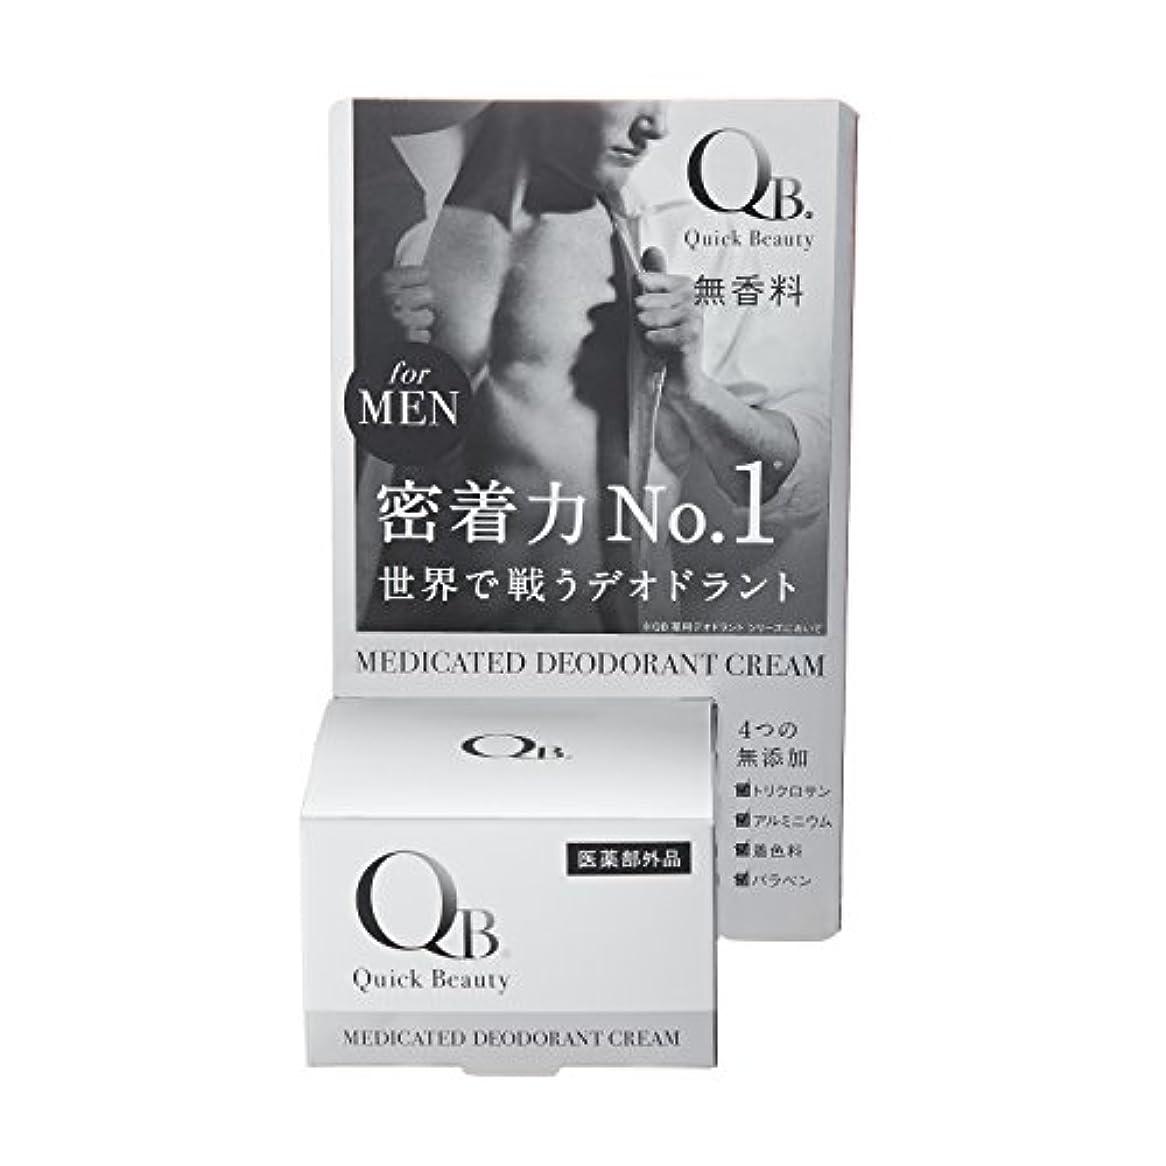 シングルバイアス漁師QB 薬用デオドラントクリーム メンズ 30g